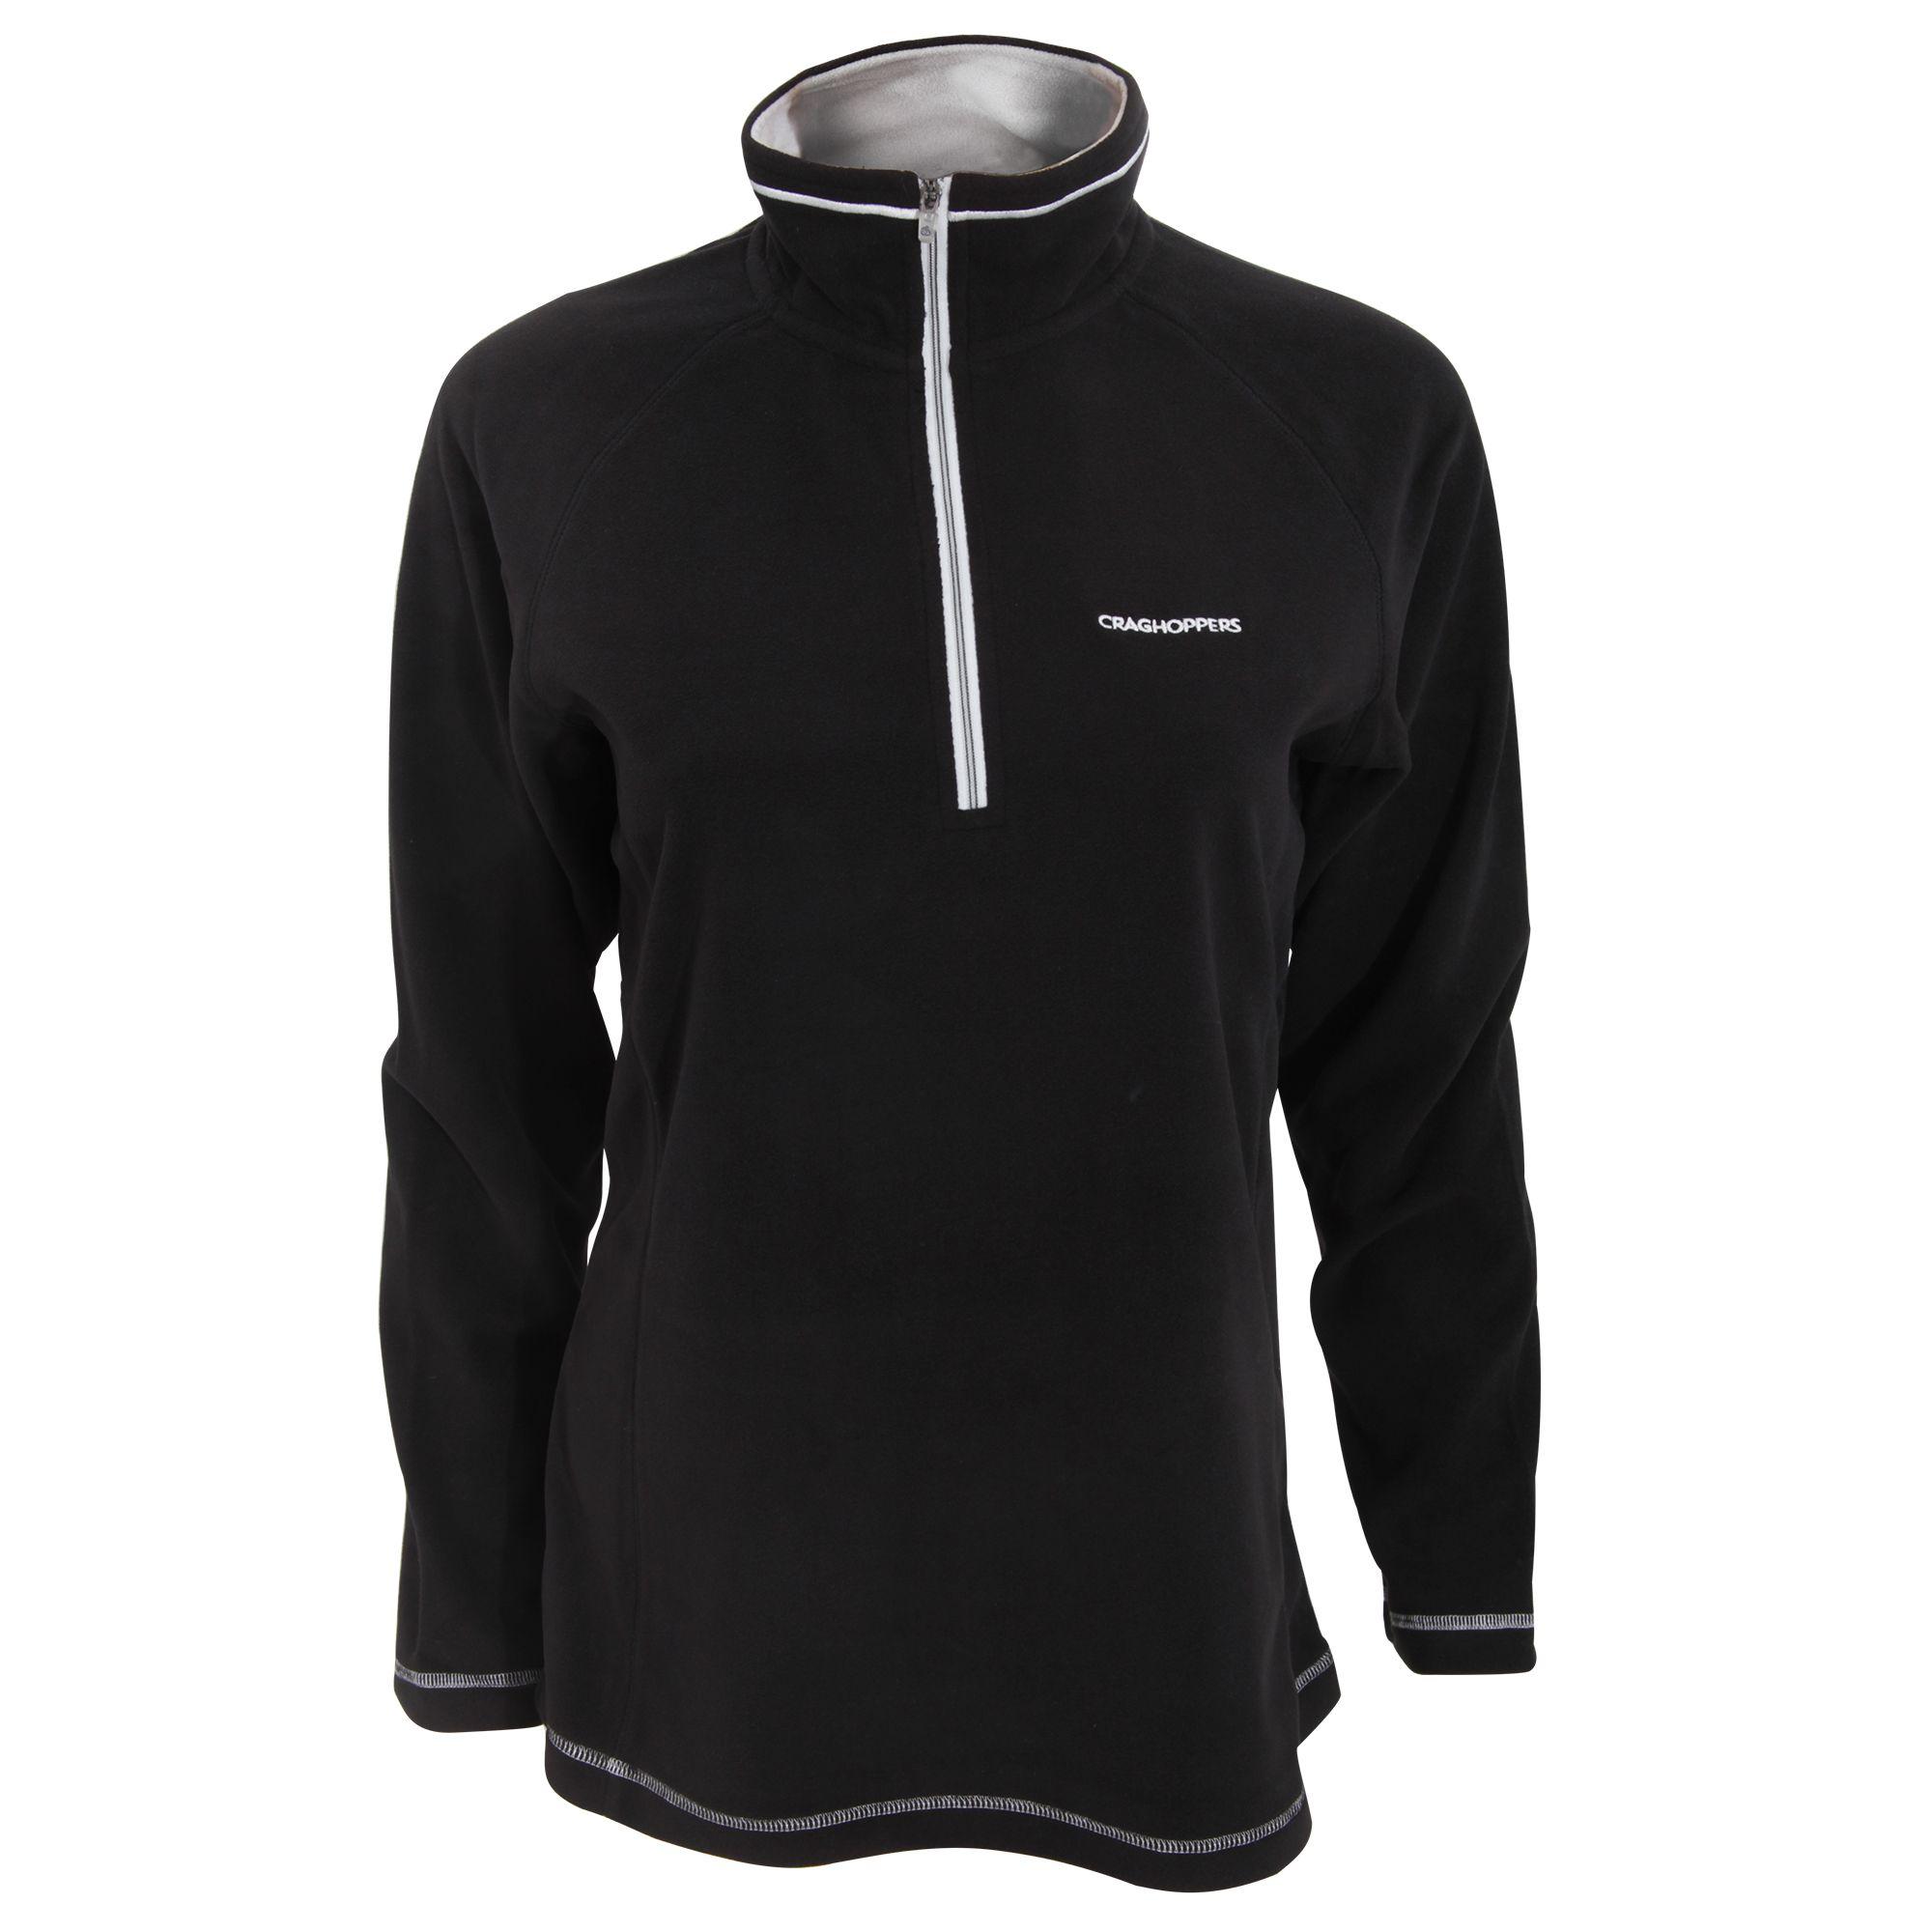 Craghoppers Womens/Ladies Seline Half Zip Micro Fleece Top